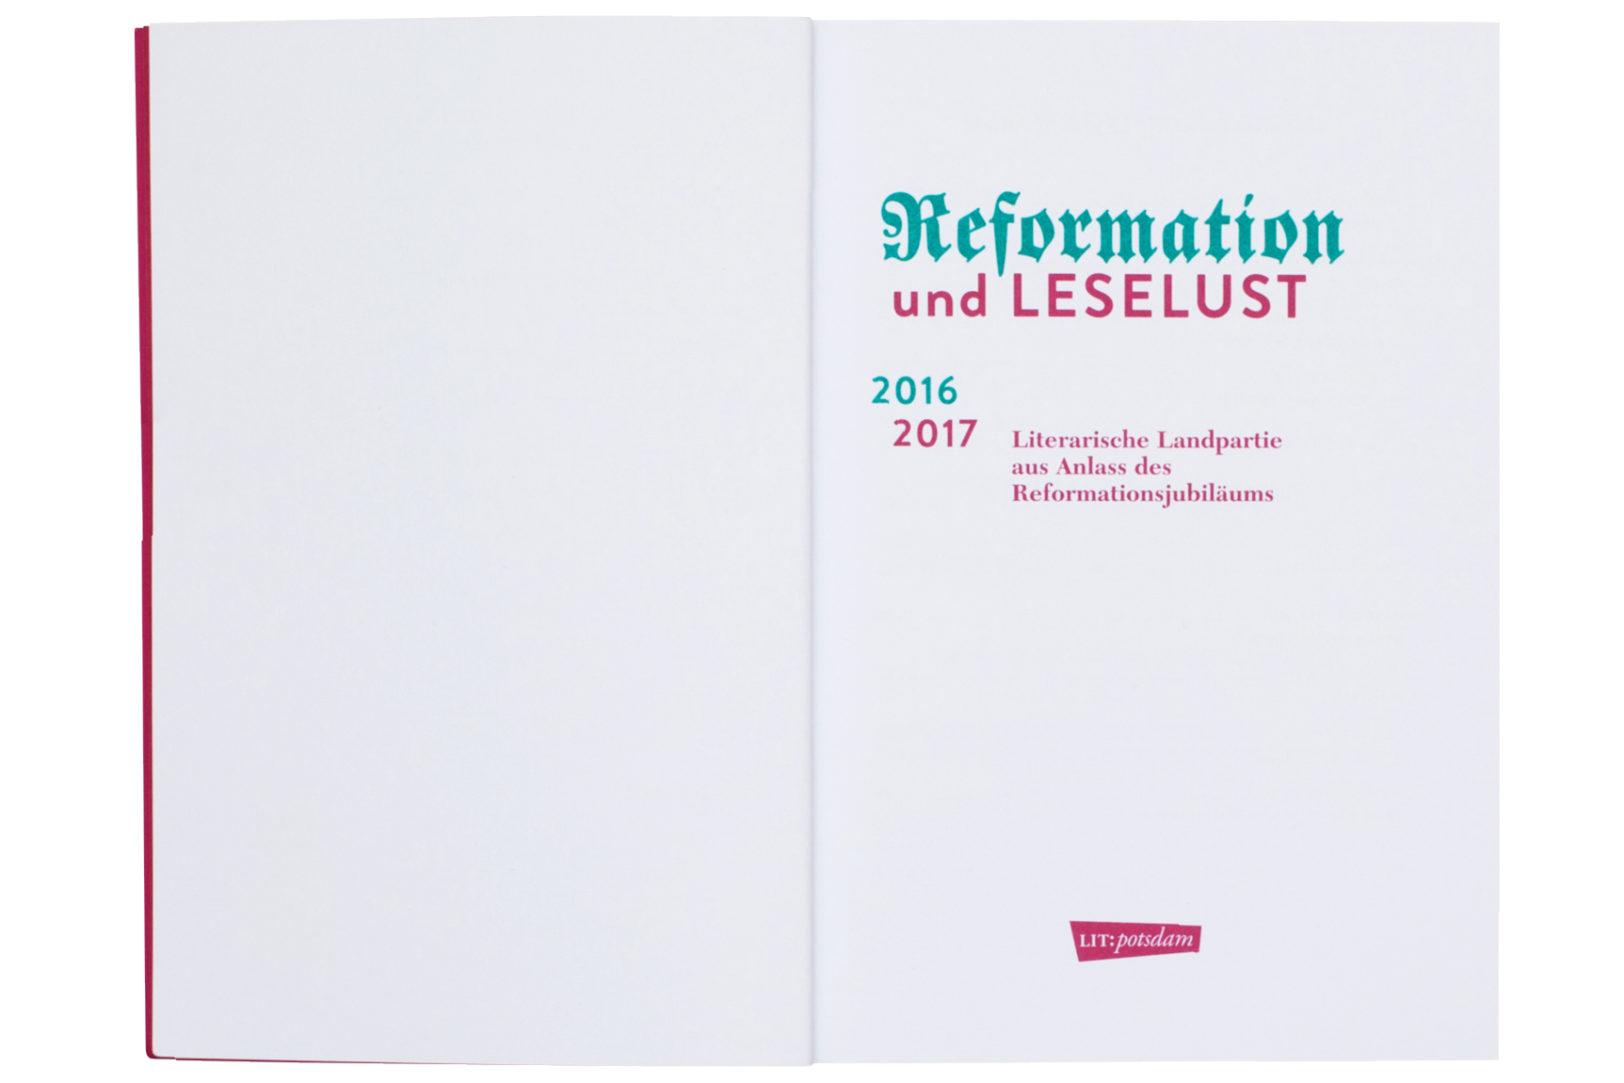 http://e-o-t.de/wordpress/wp-content/uploads/2017/12/e-o-t-2017-Books-ref-leselust-5.jpg